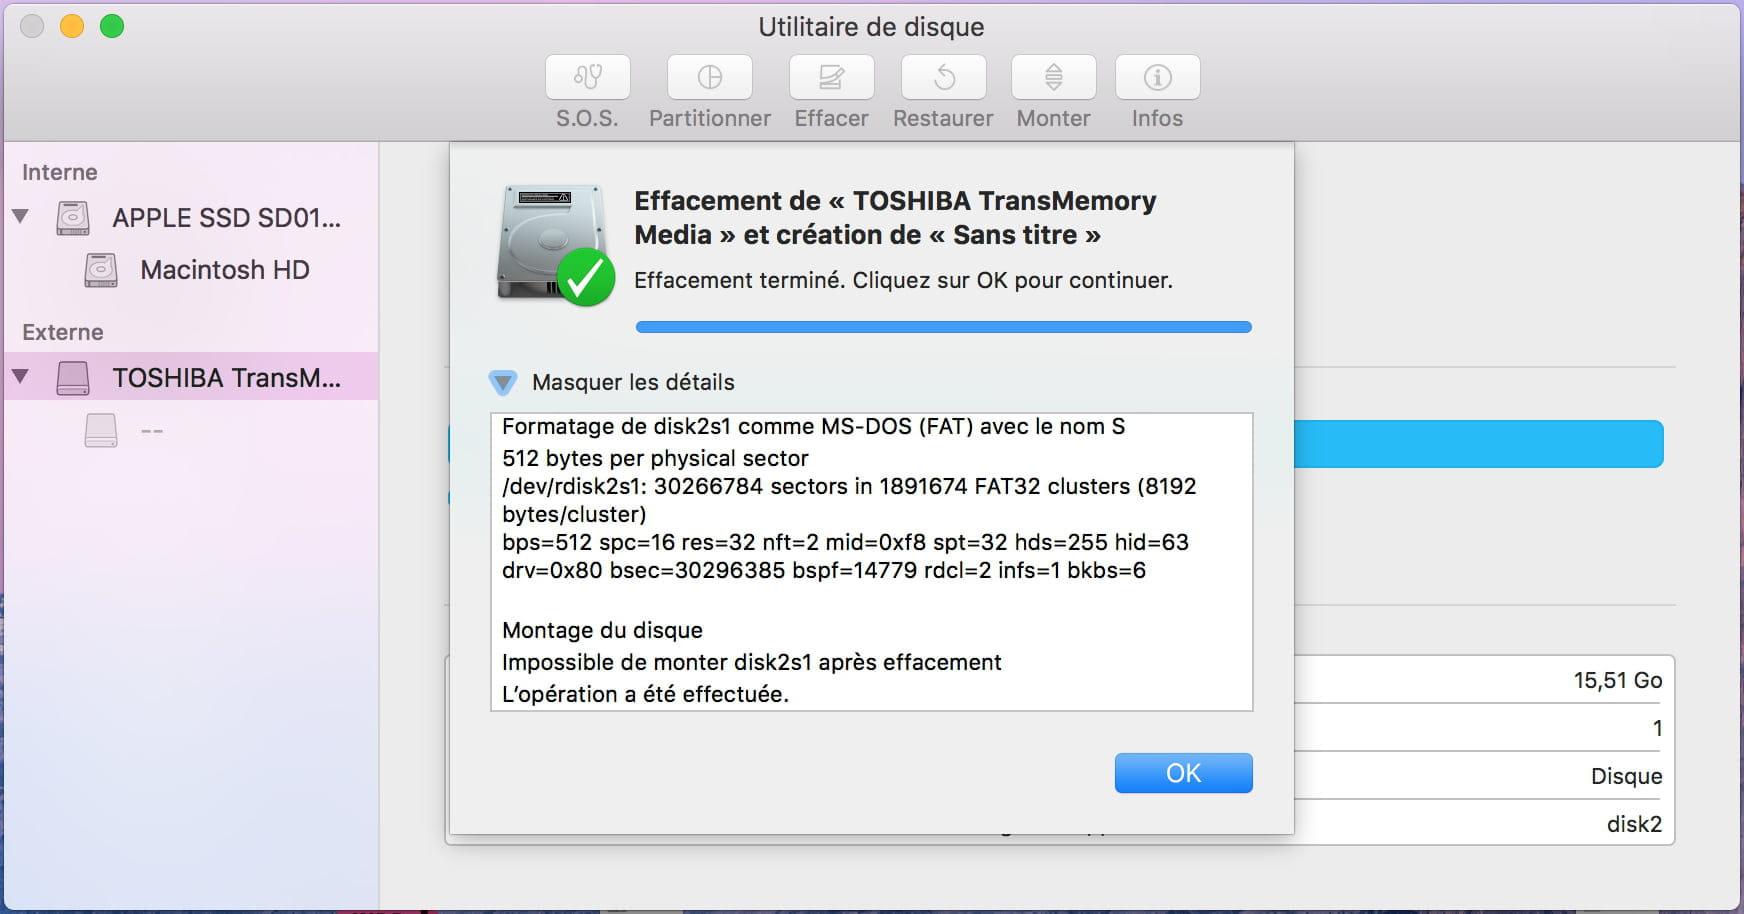 LOGICIEL POUR CLÉ TÉLÉCHARGER USB TOSHIBA FORMATER